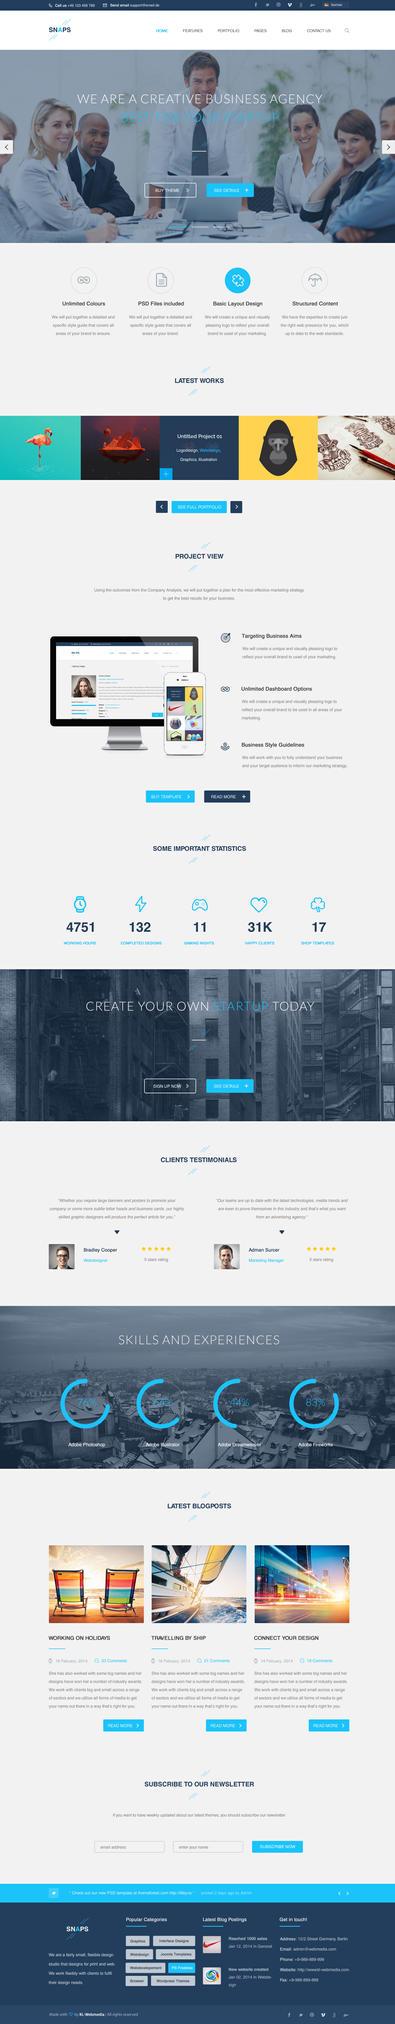 Snaps - Creative Wordpress Theme by KL-Webmedia